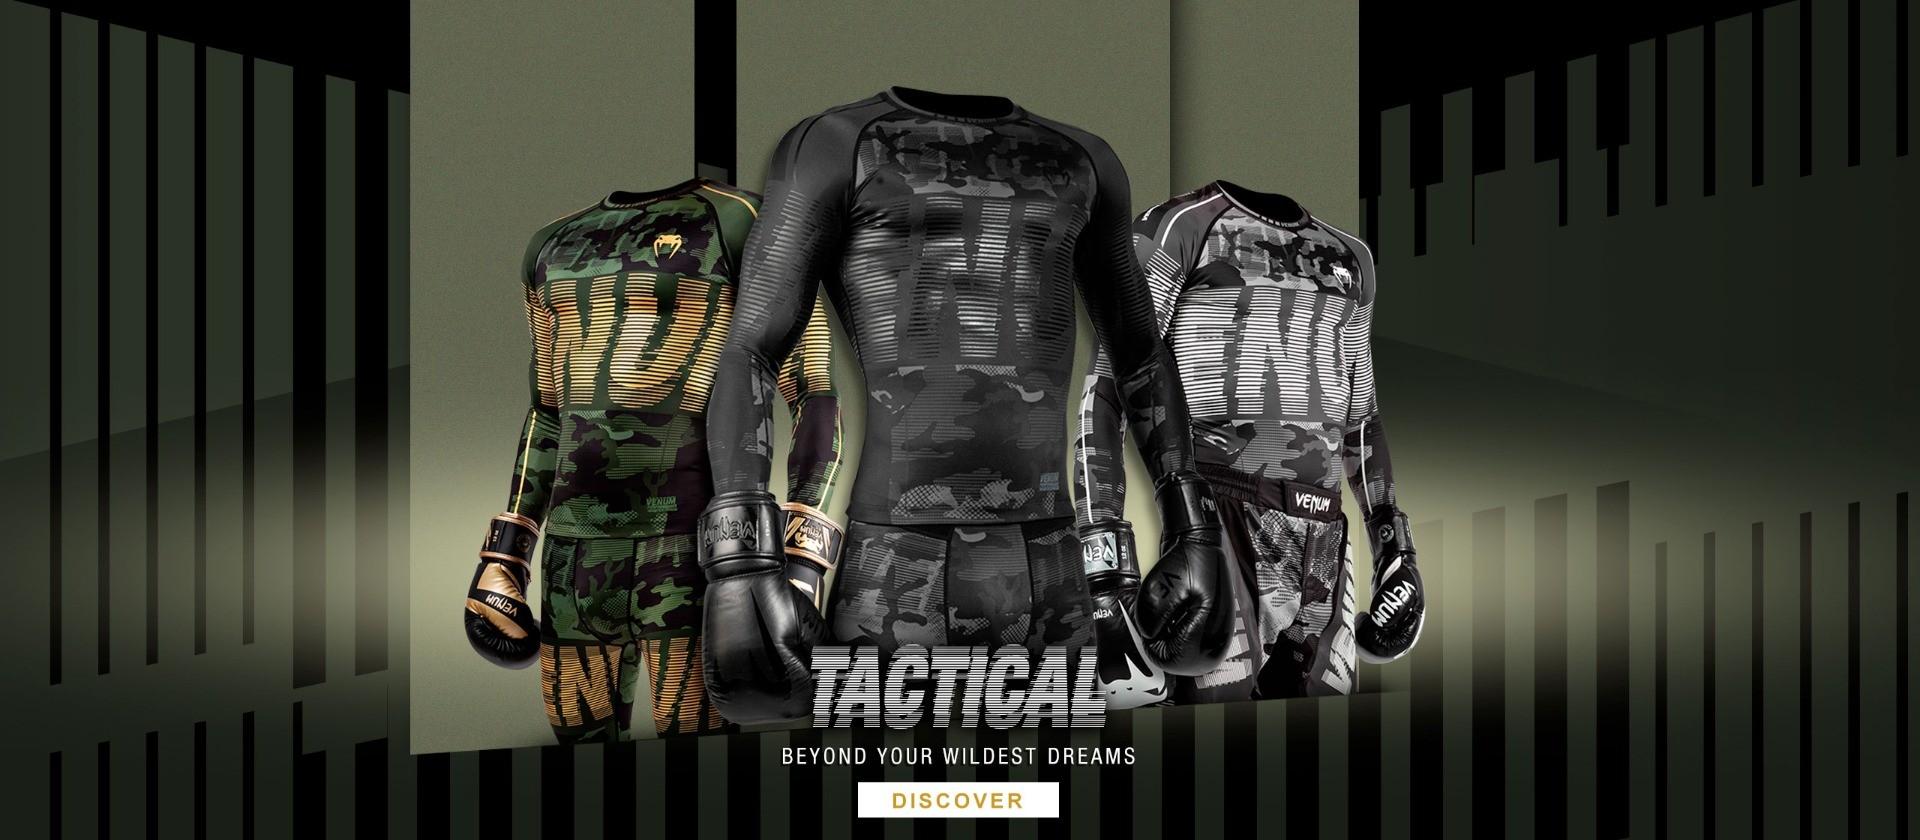 Tactical Apparel